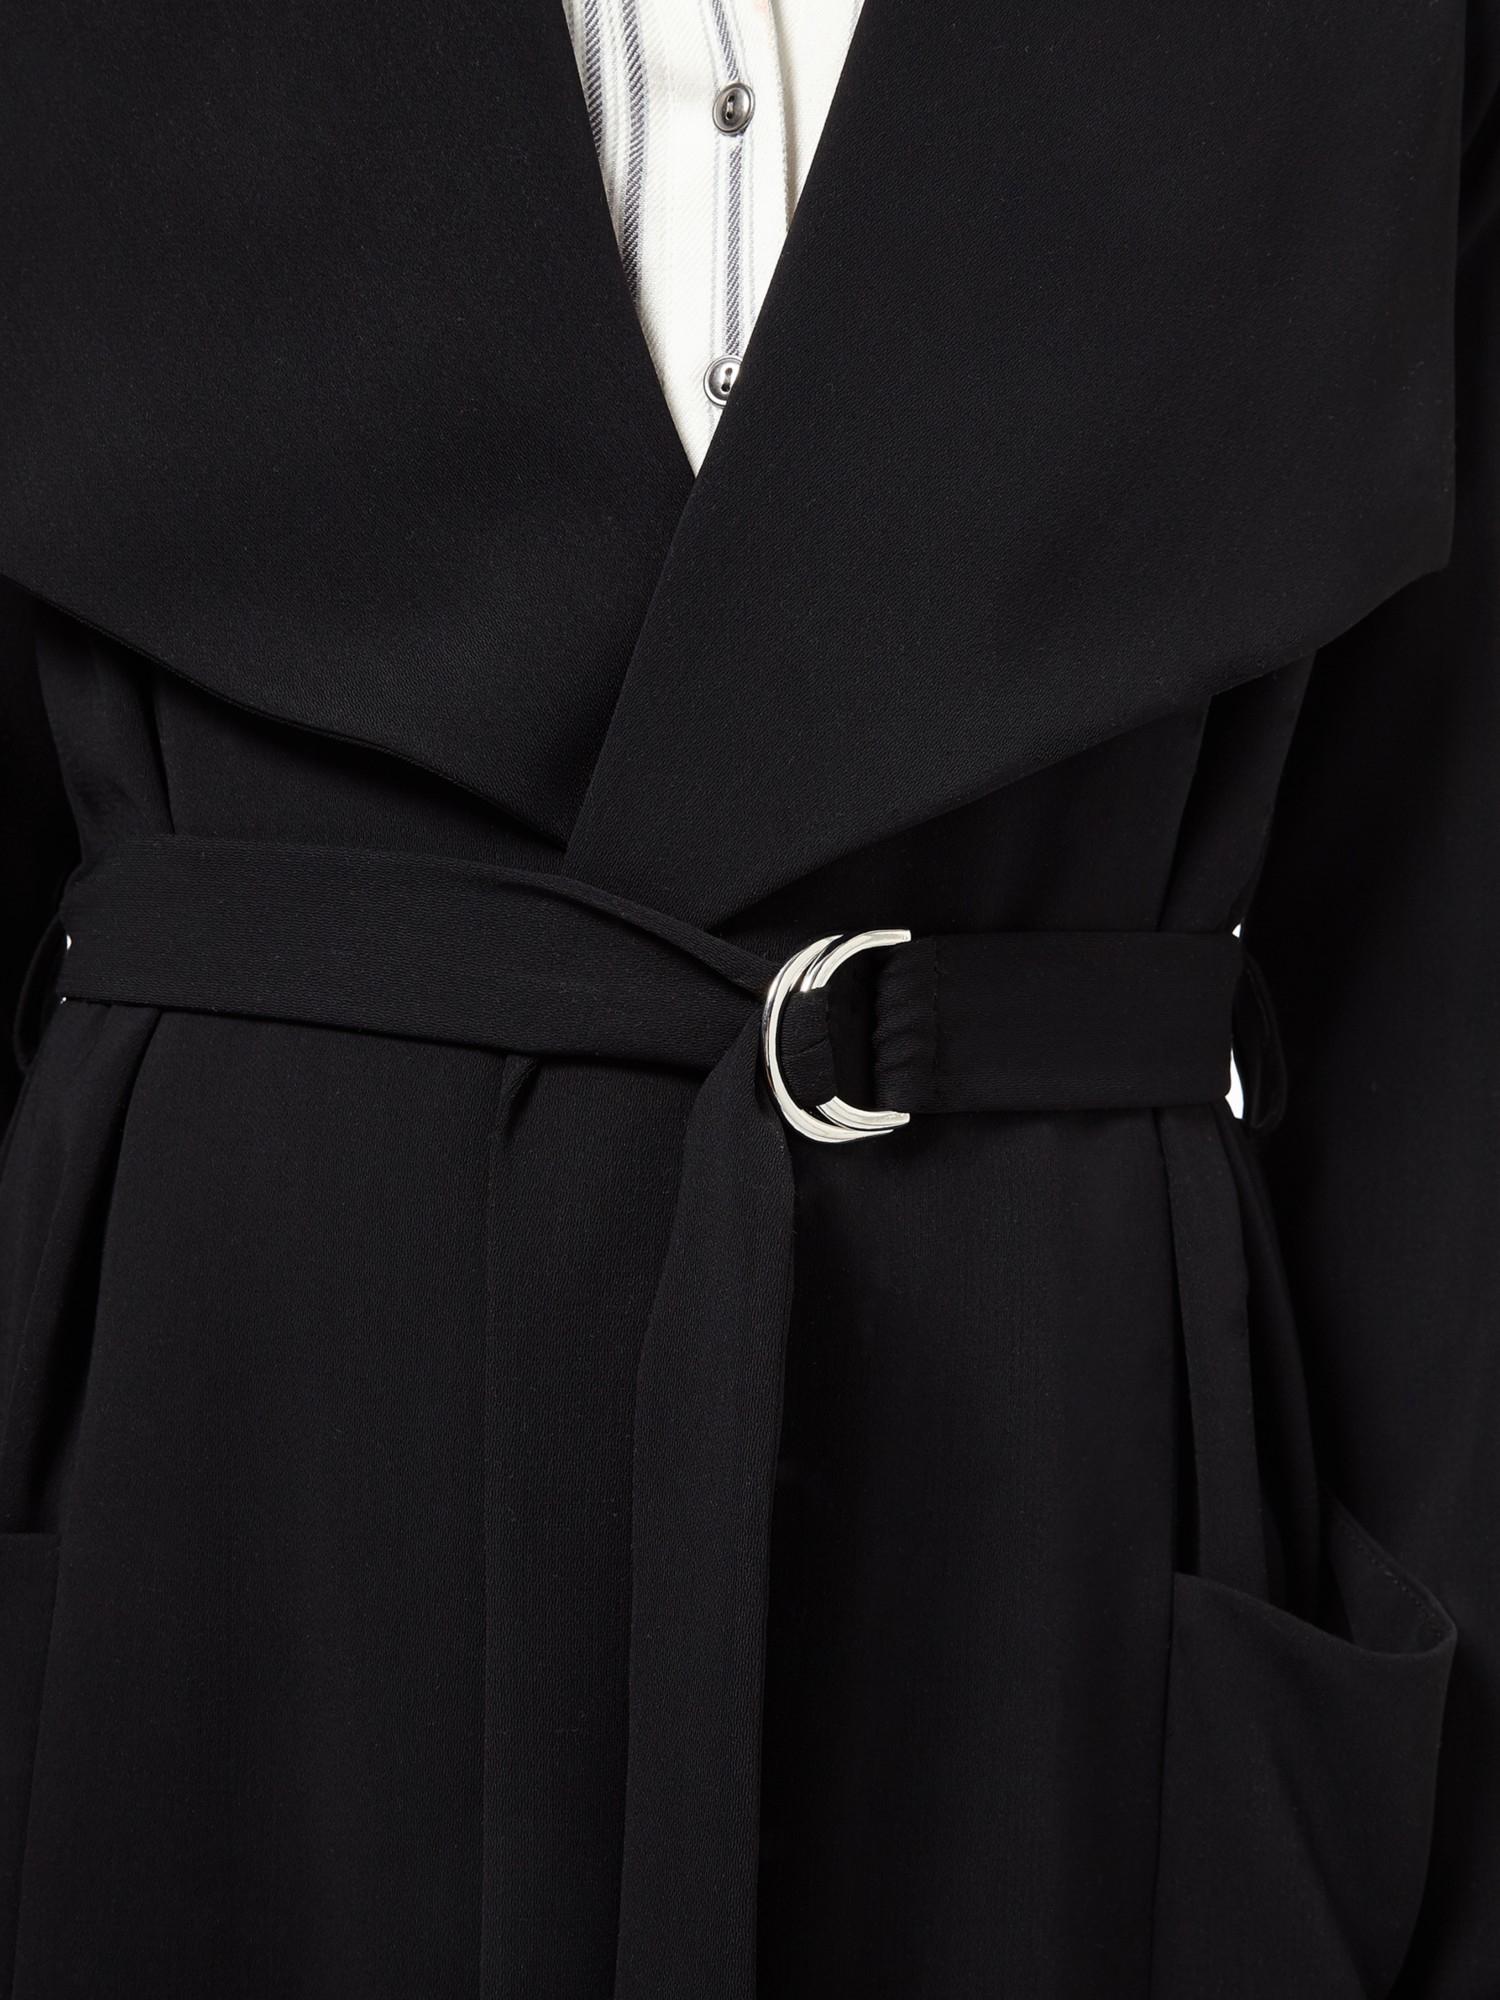 Miss Selfridge Faux Leather Jacket Black Women Clic Fashion Trend Luxury Brands